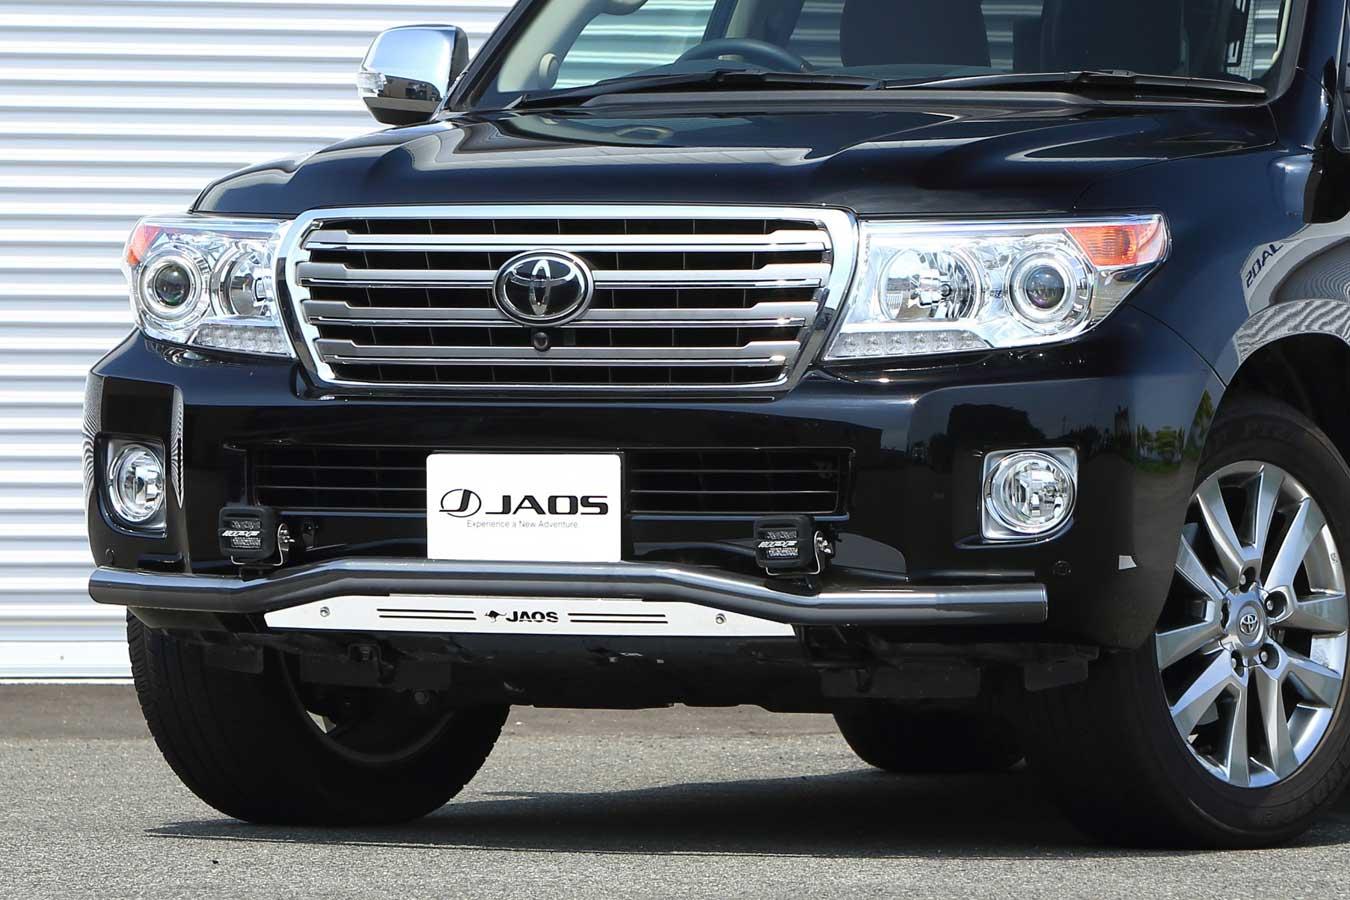 JAOS フロントスキッドバー ブラック/ブラスト ランドクルーザー200系 12-15【B150049C】